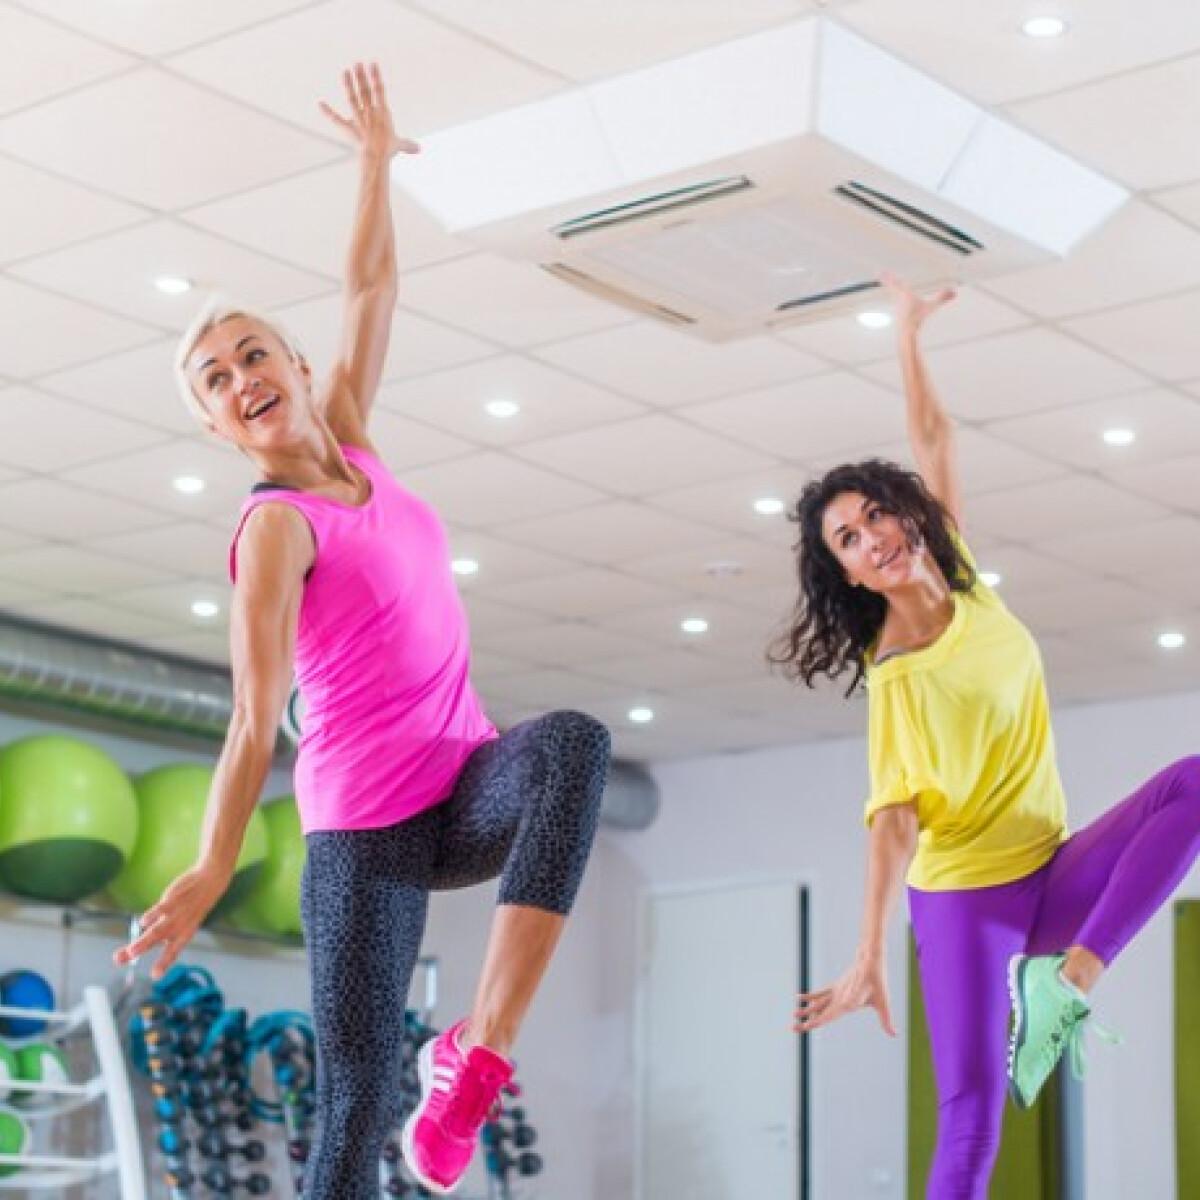 10 érv a táncos edzések mellett - ha sportolnál, de nincs kedved súlyokat emelgetni